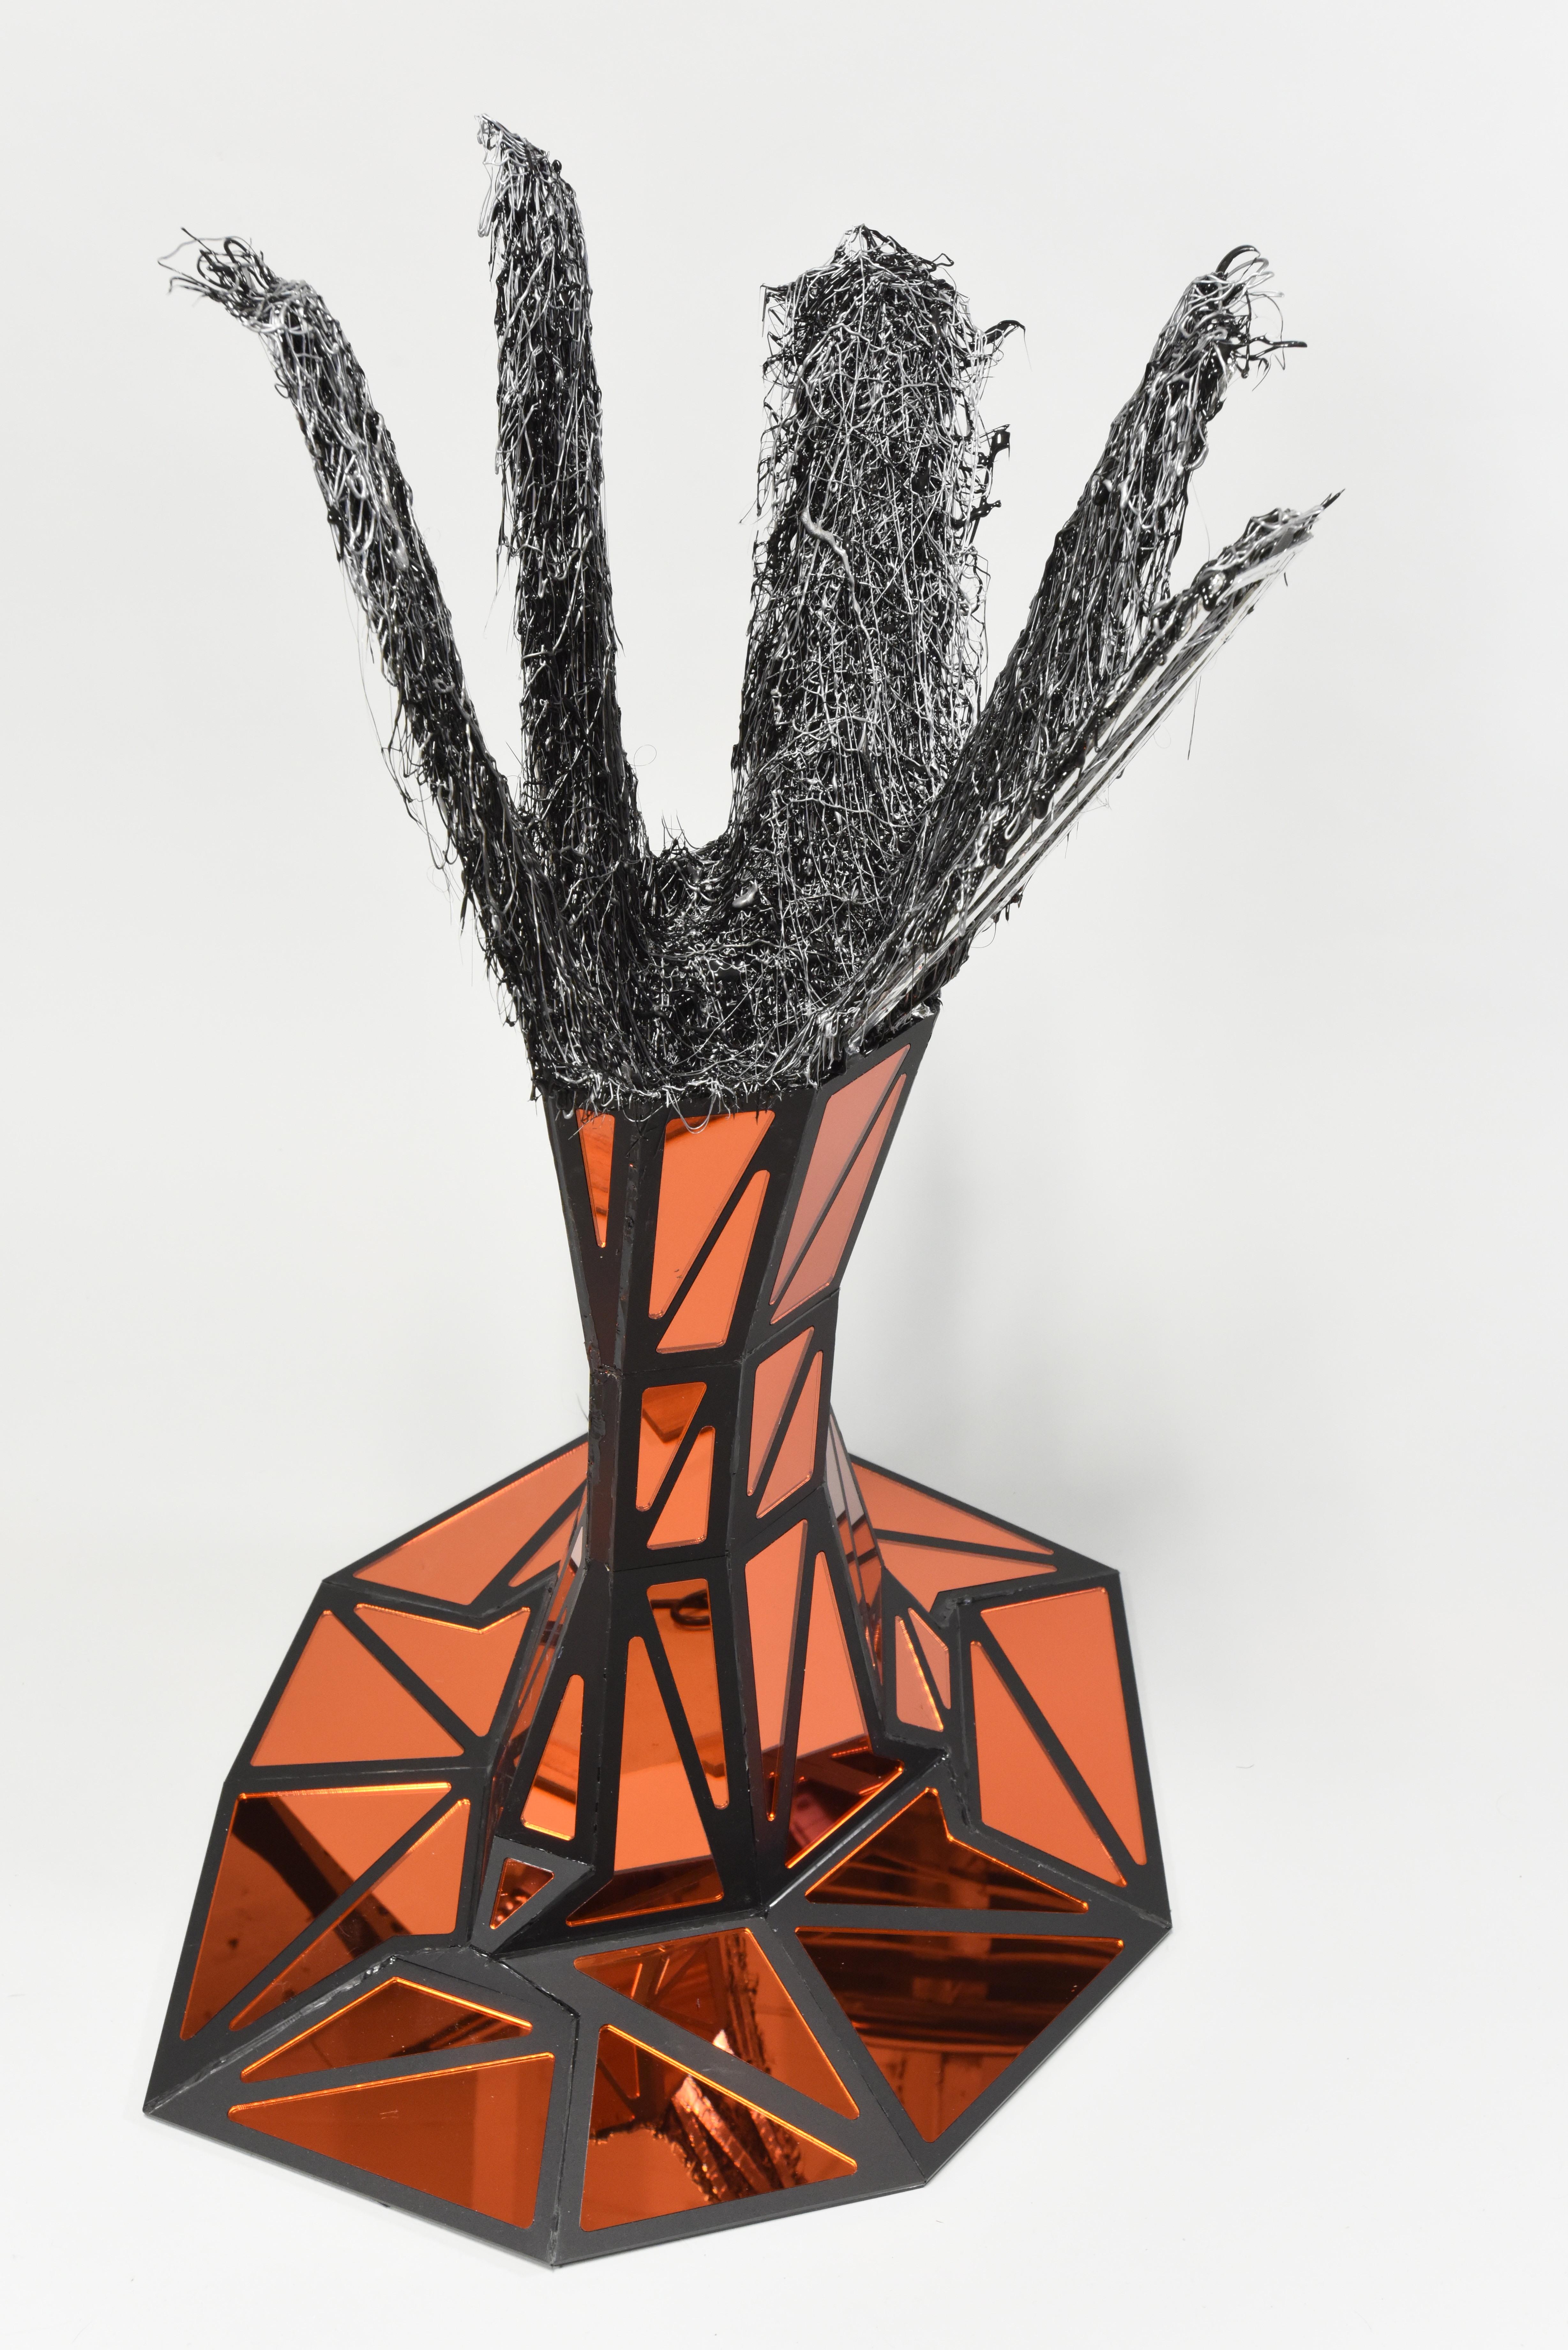 Melt Up (2018) by Stephen Hendee, sculpture